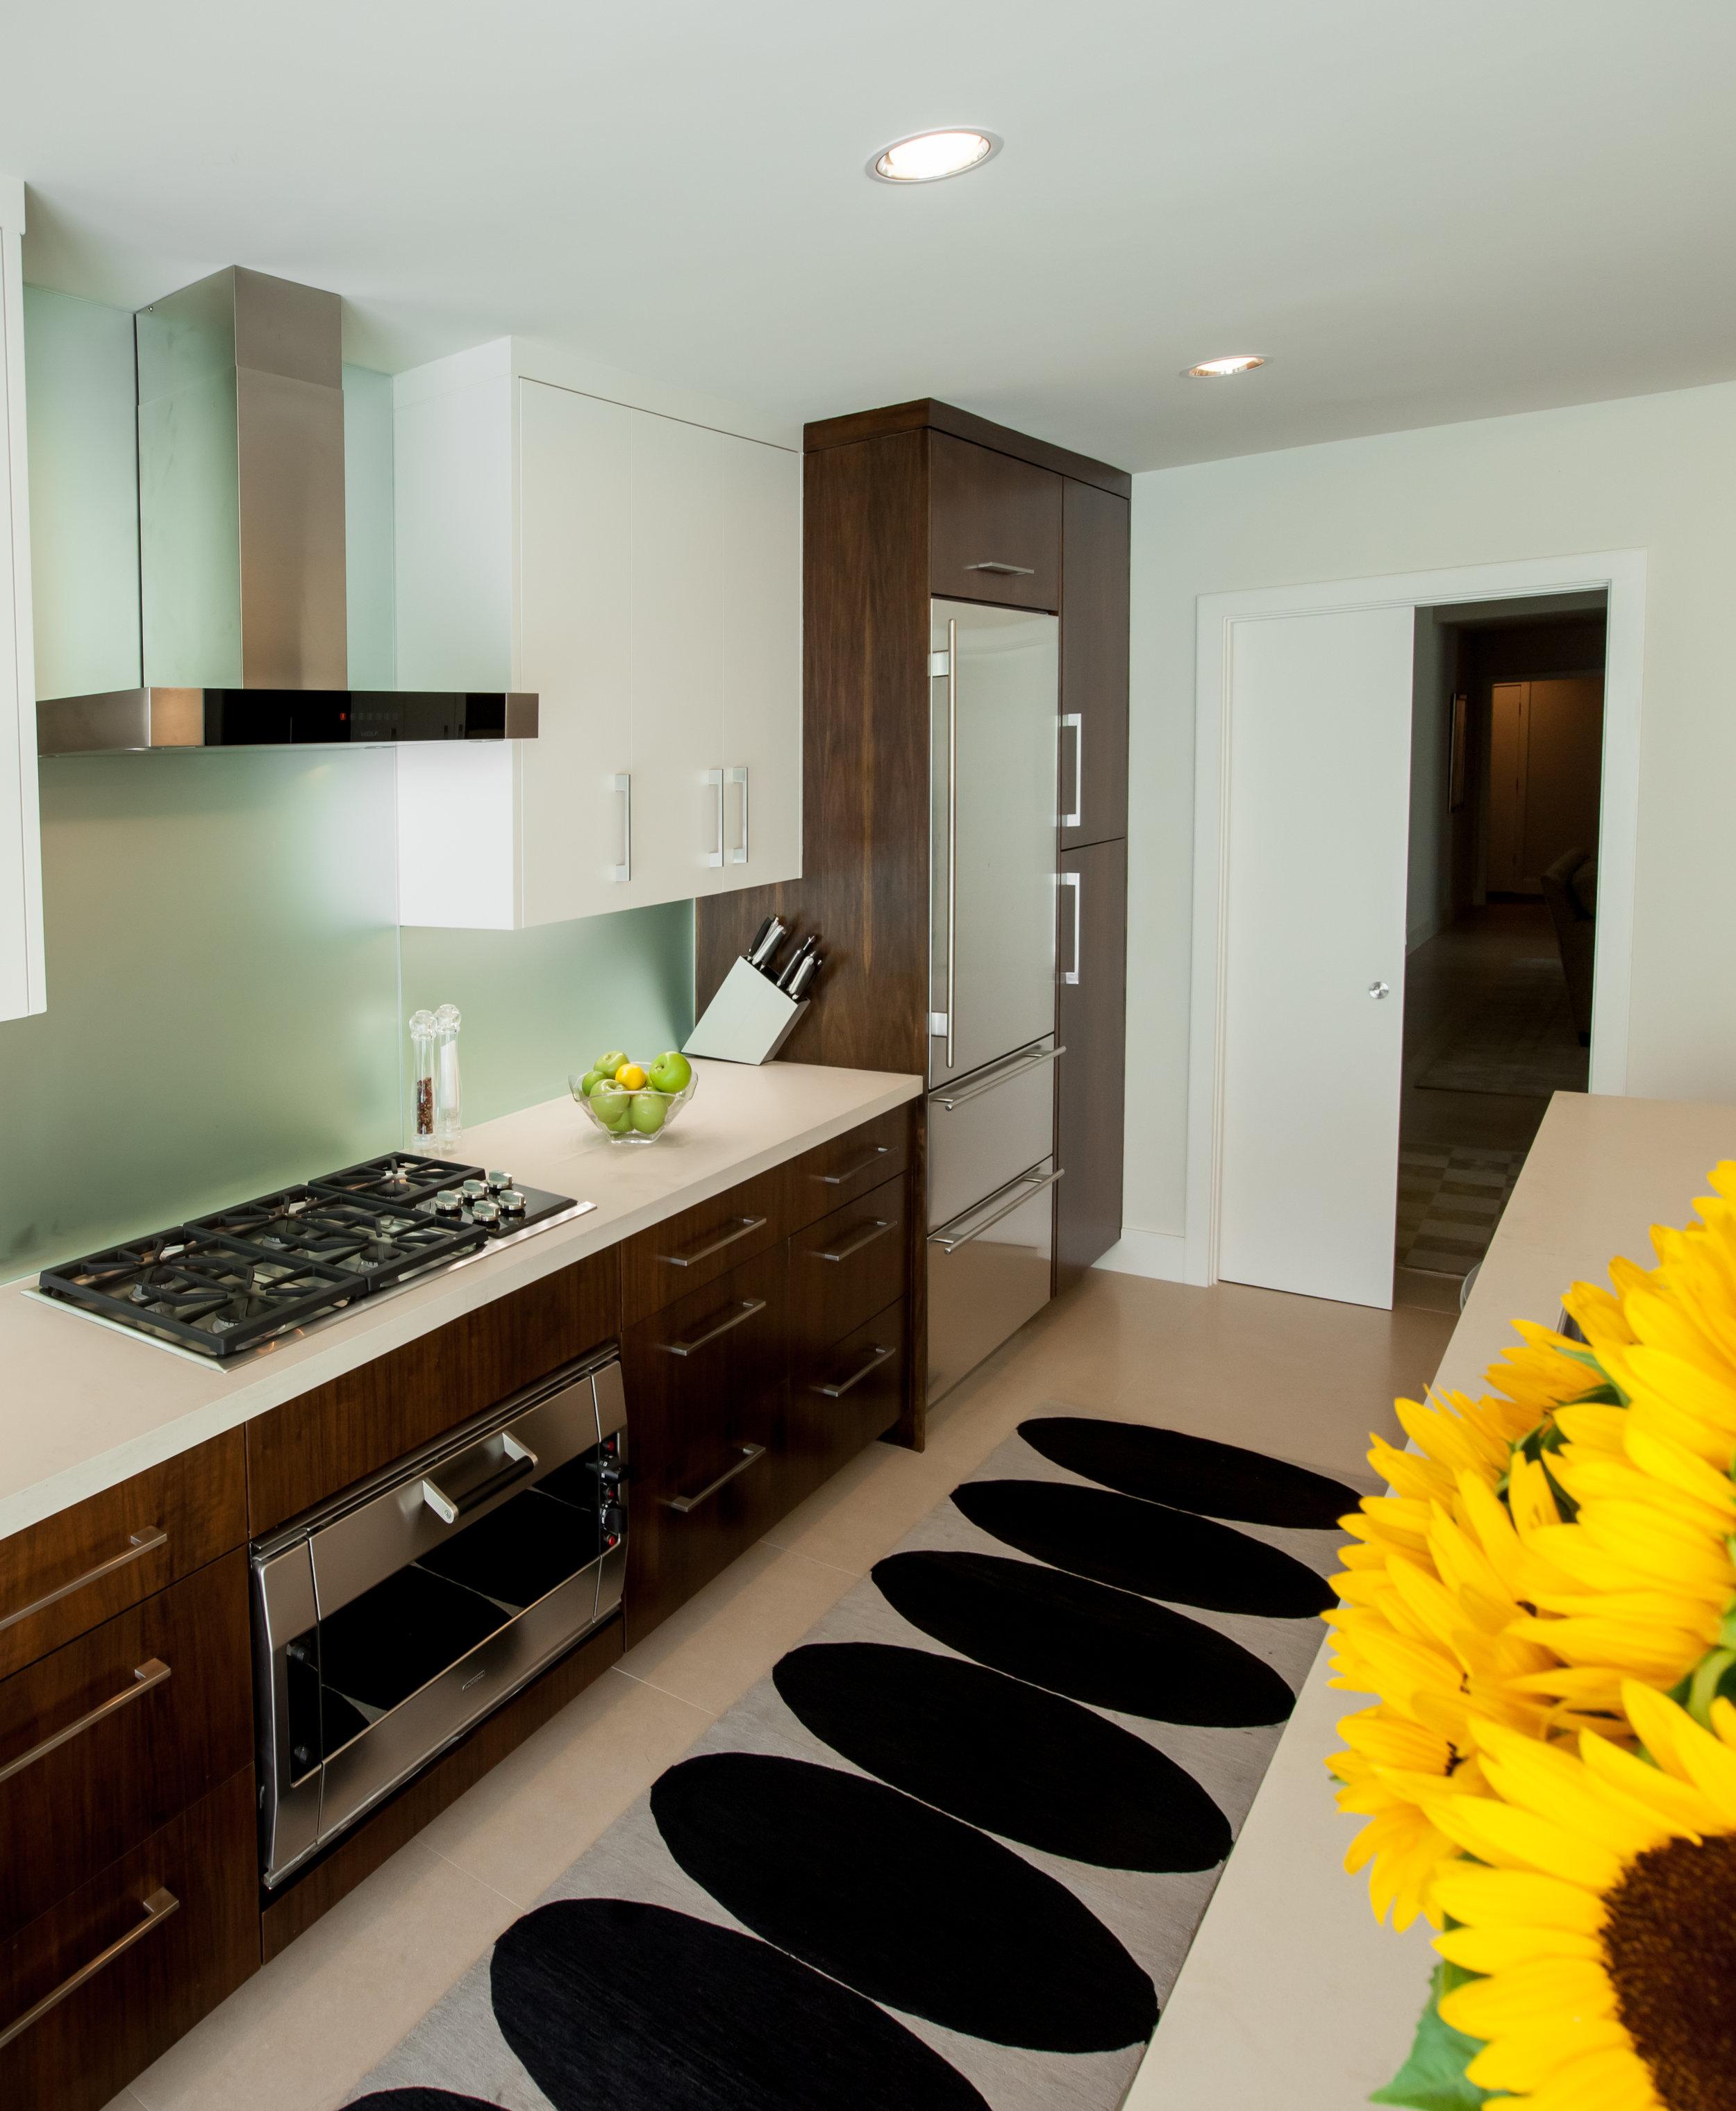 HOLLOW WAY- Kitchen Appliances.jpg